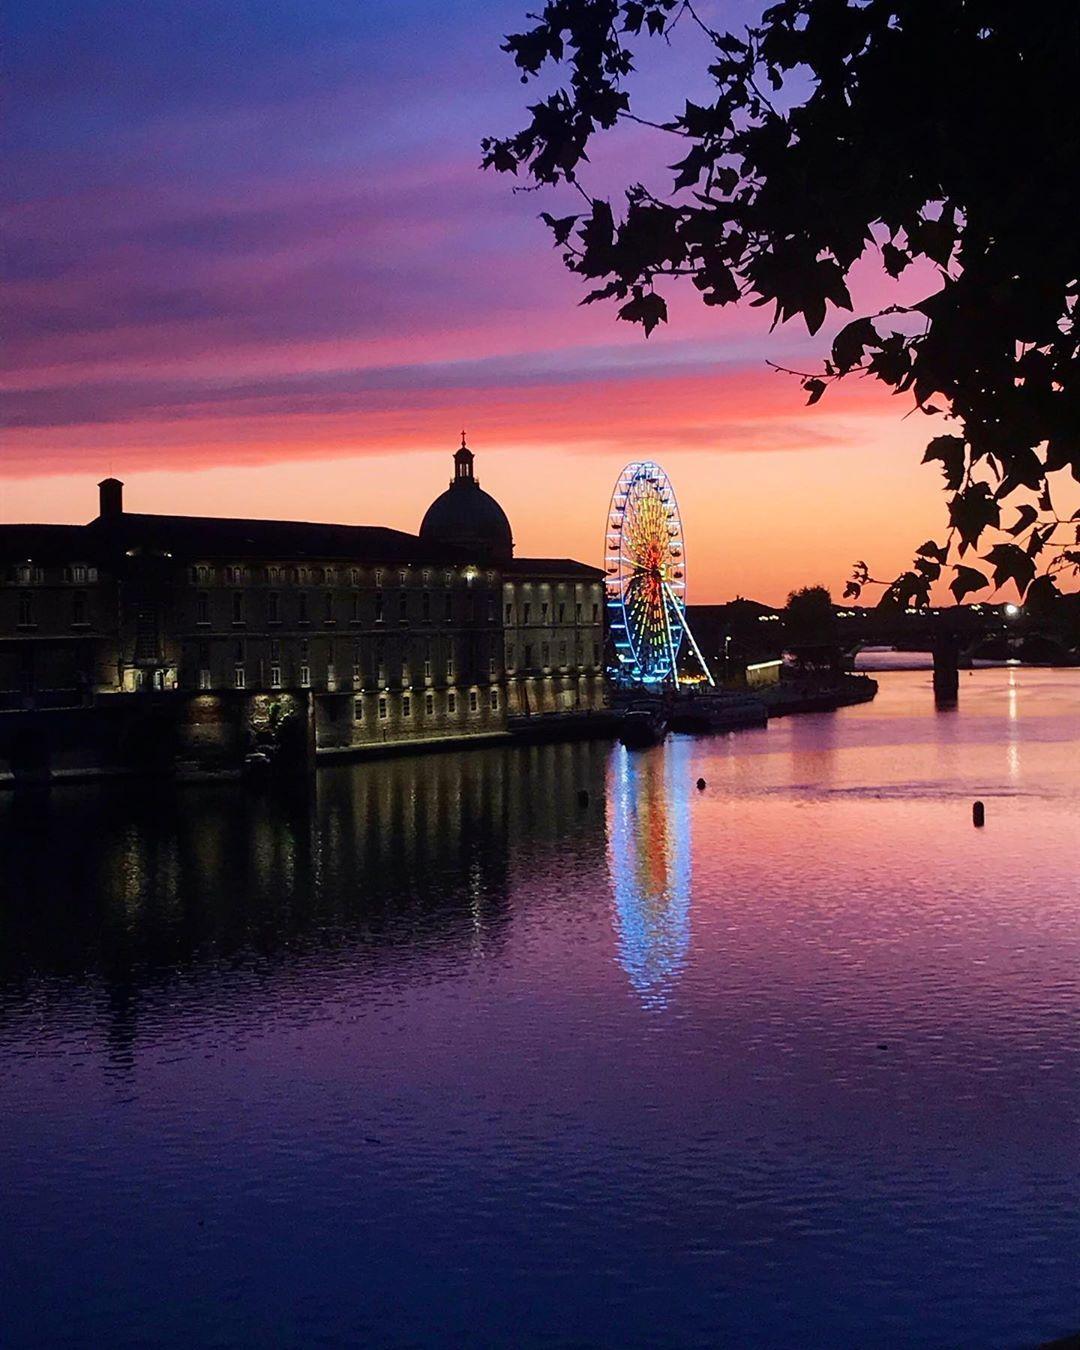 Coucher Du Soleil Toulouse : coucher, soleil, toulouse, Coucher, Soleil, Toulousain, Toulouse,, Landmarks,, Mahal